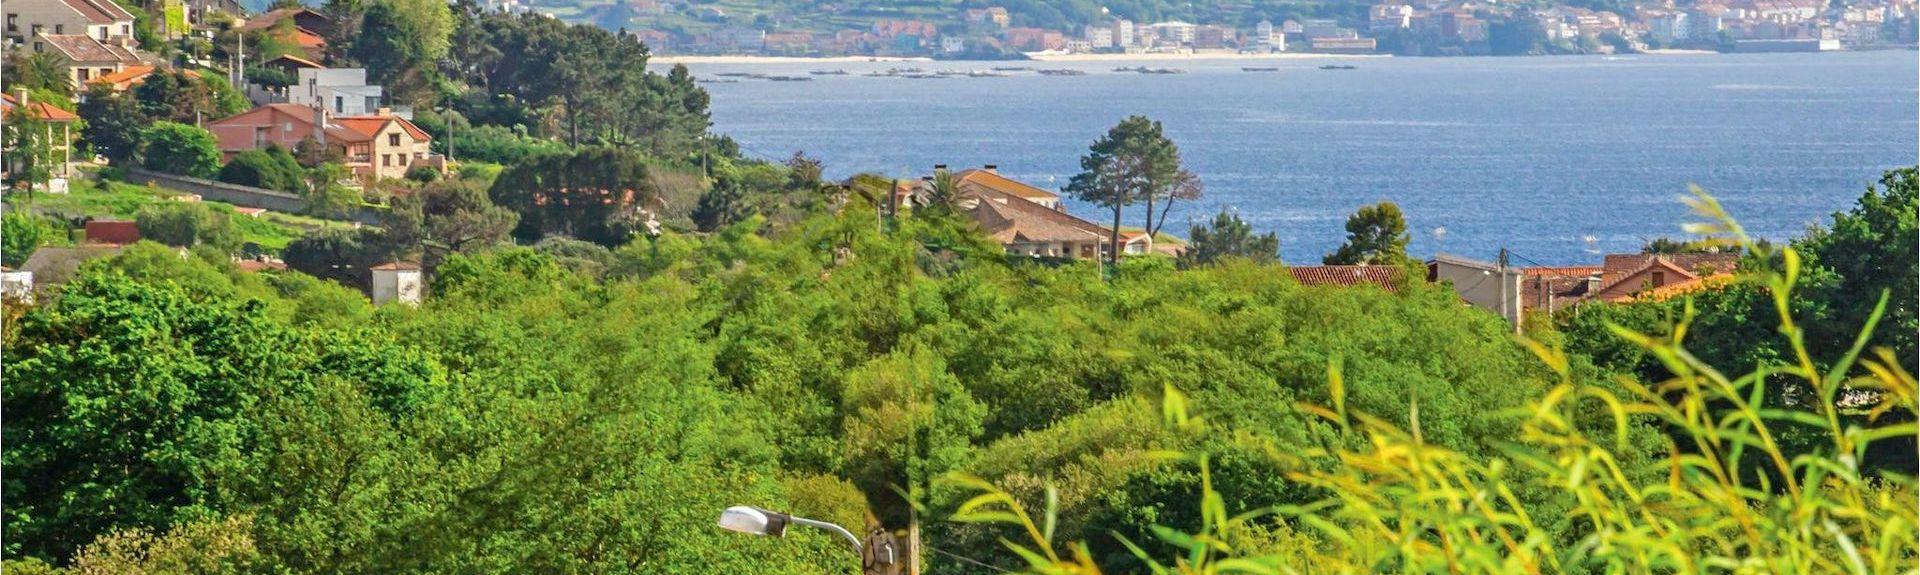 Provincia de Pontevedra, Galicia, España